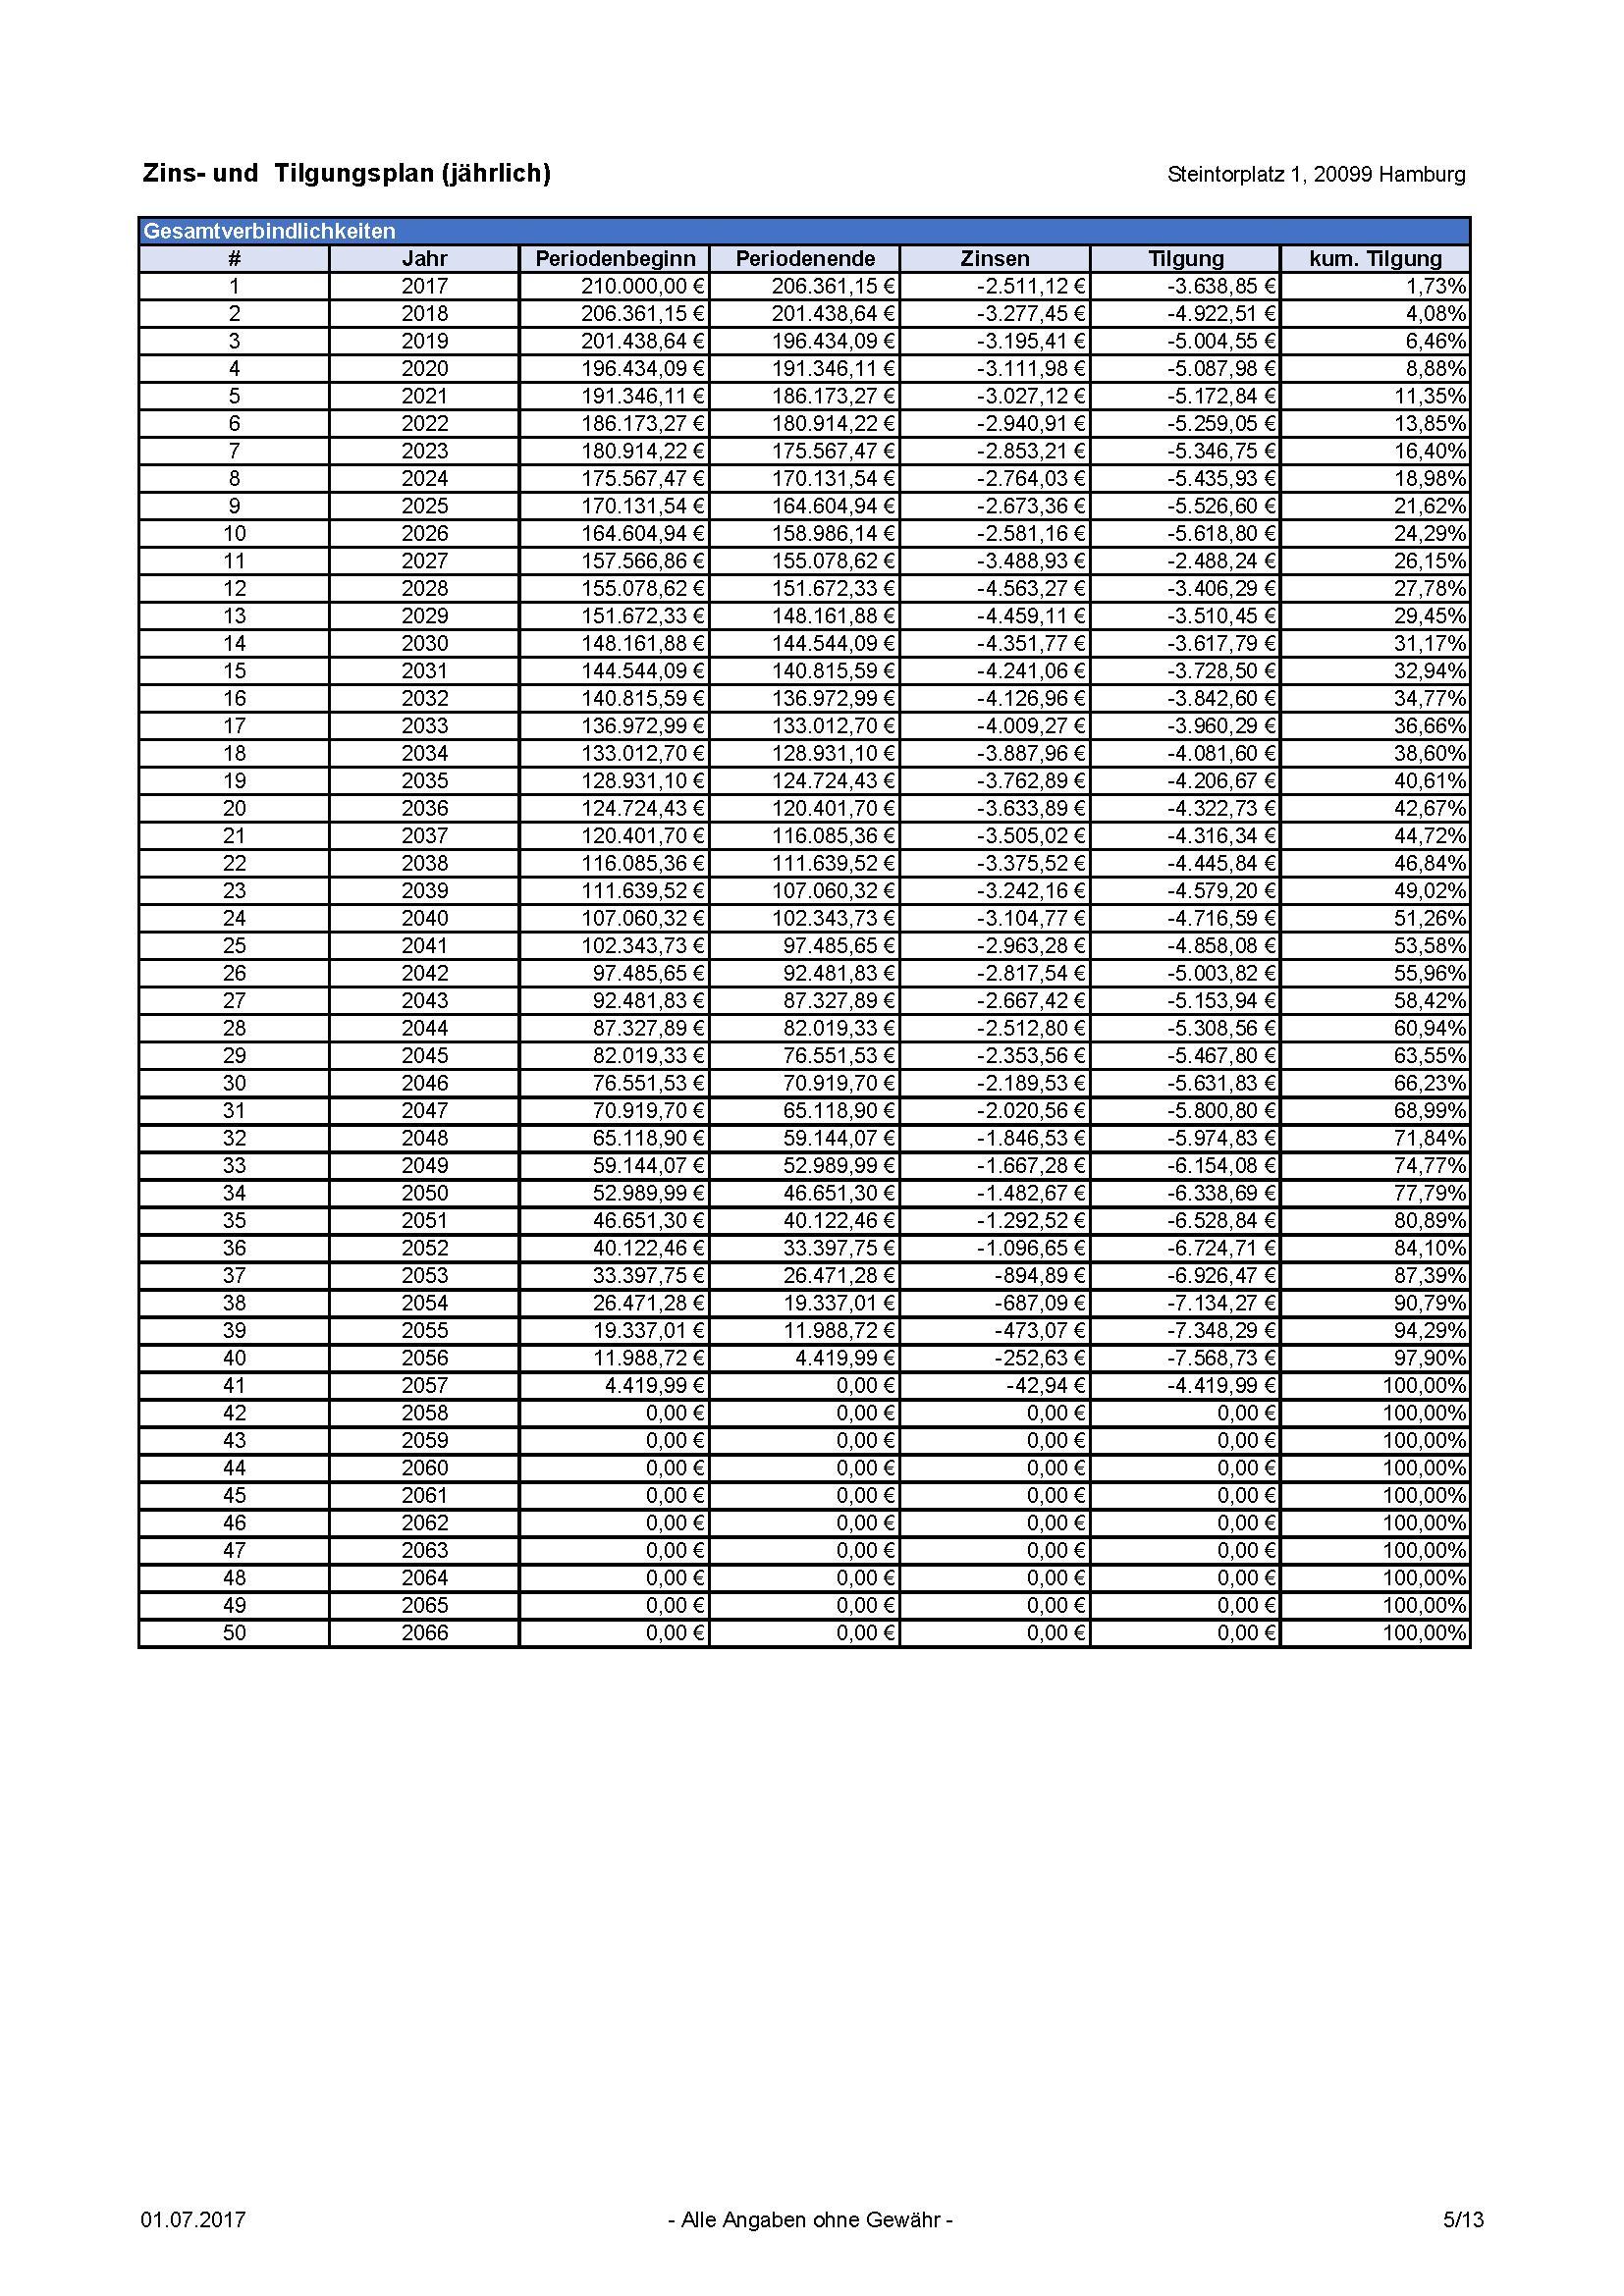 Zins- und Tilgungsplan (jährlich) Immobilien Investment Rechner